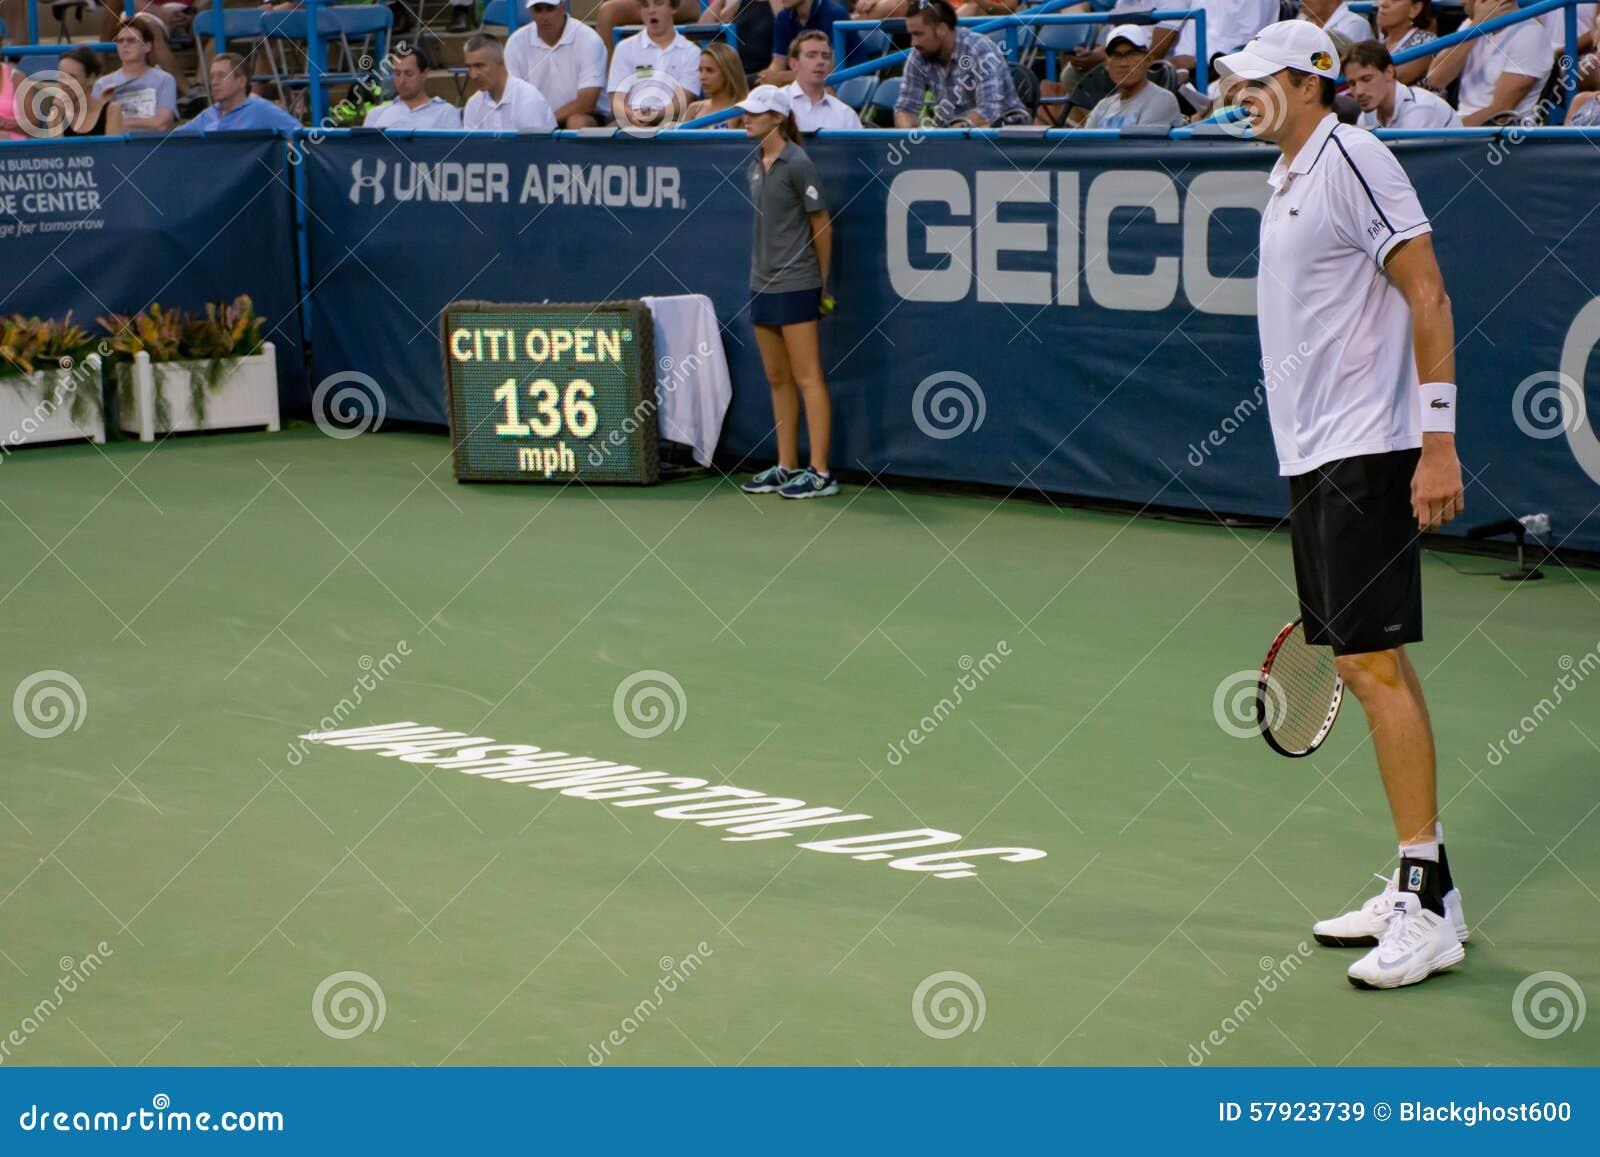 John Isner serves 136 mph at the Citi Open 2015